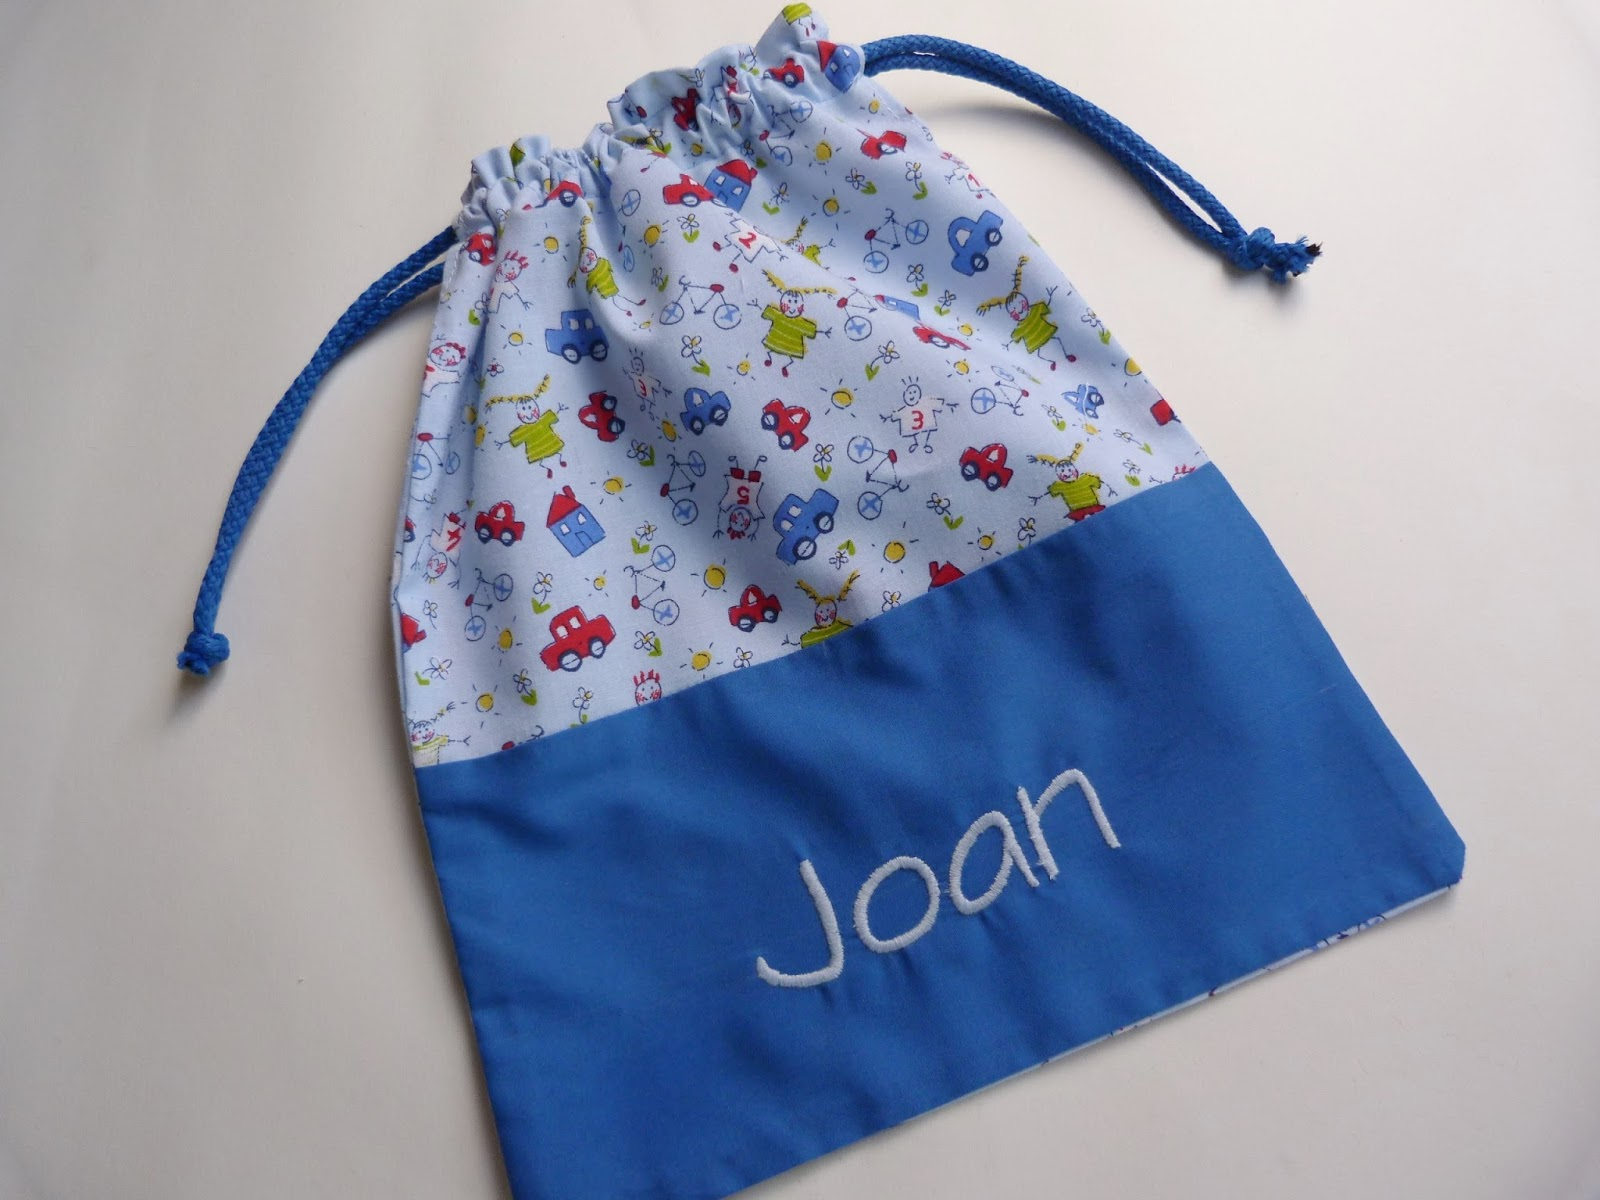 Con hilo y telas oferta de bolsas para el cole - Bolsas de tela para ninos ...